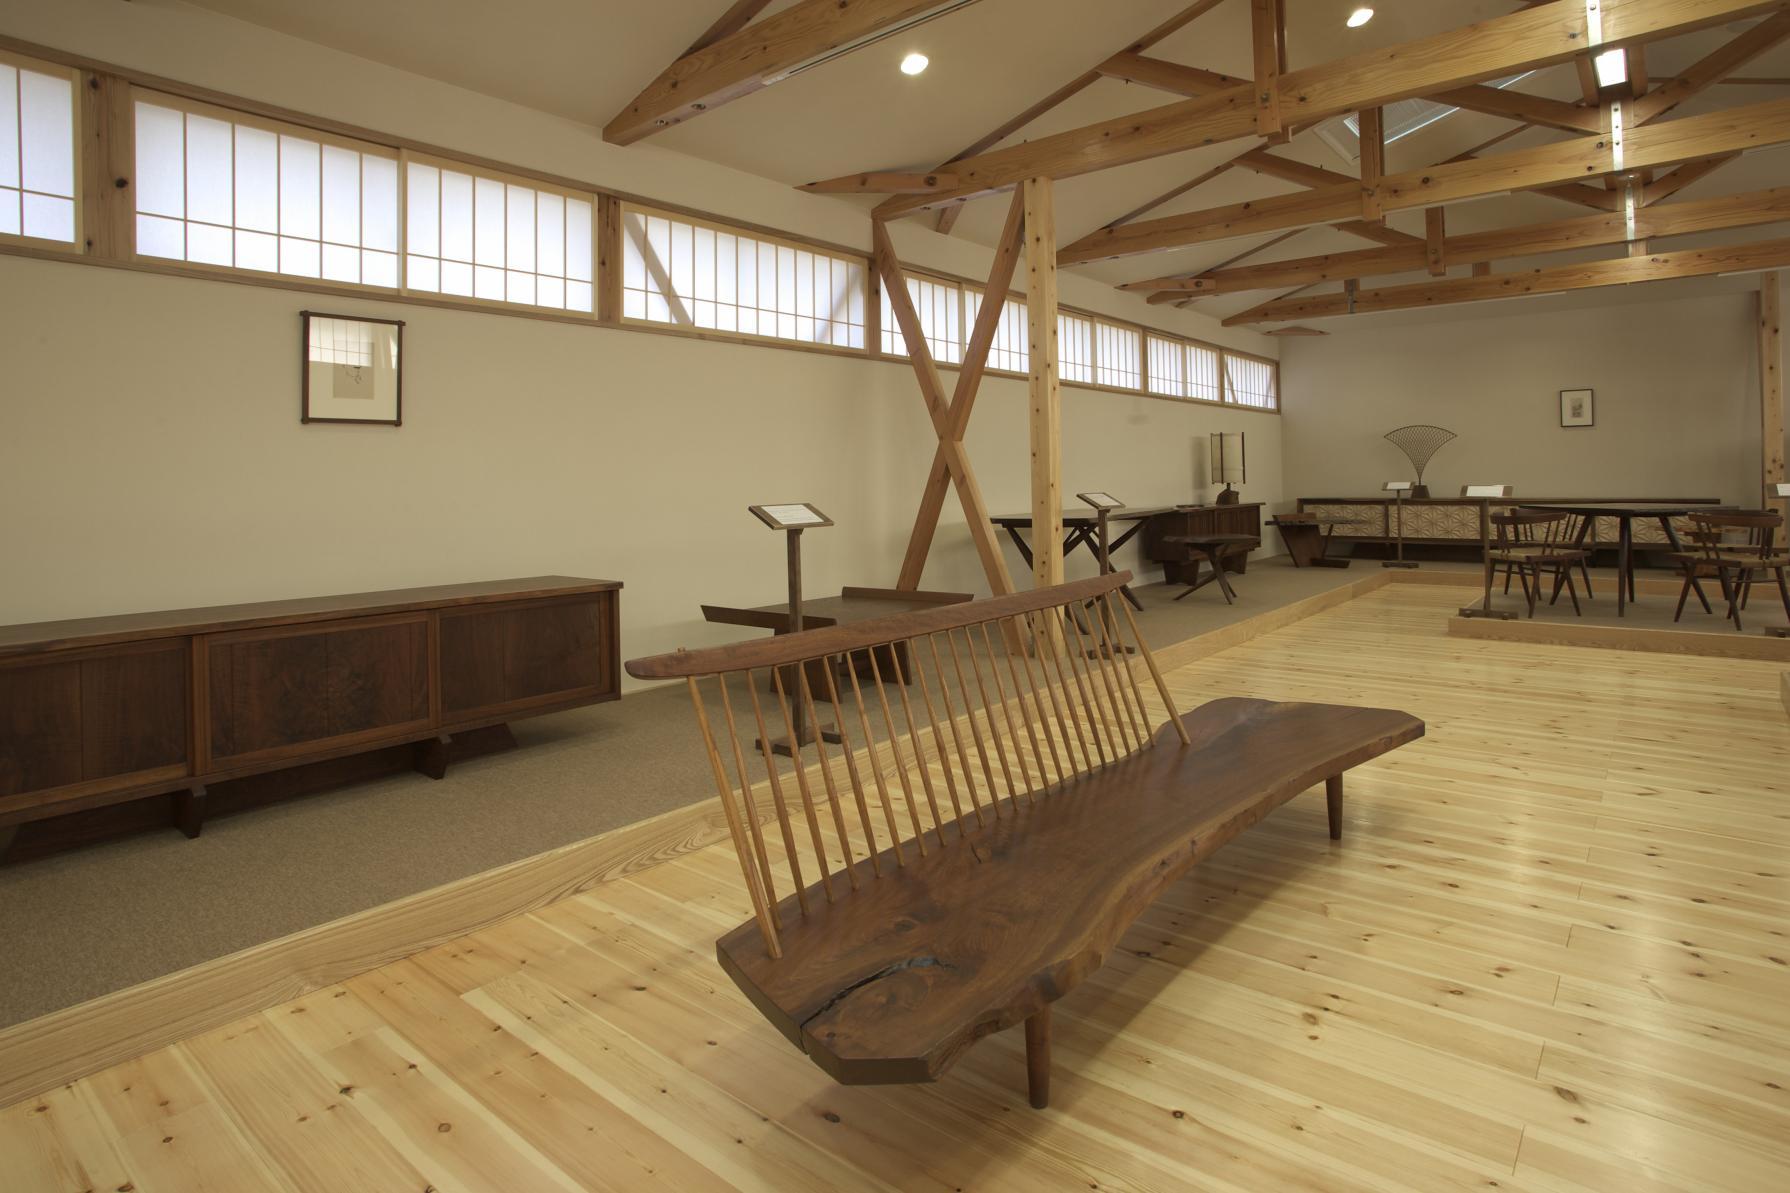 George Katsutoshi Nakashima紀念館-1